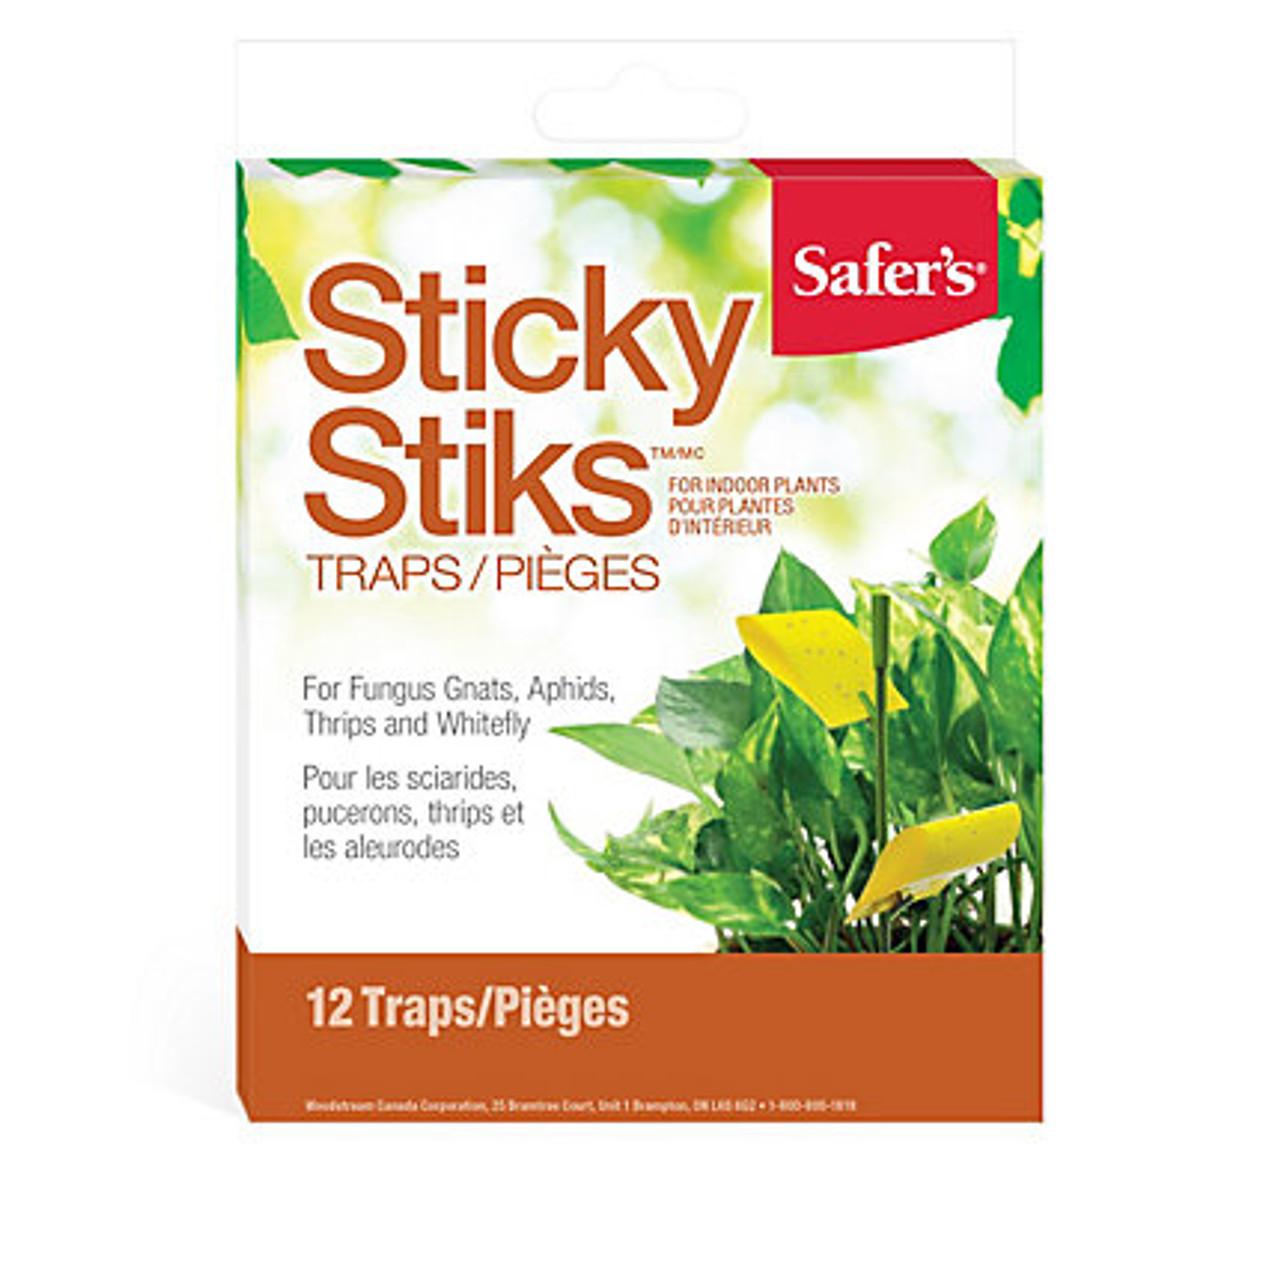 Safer's® Sticky Sticks Traps